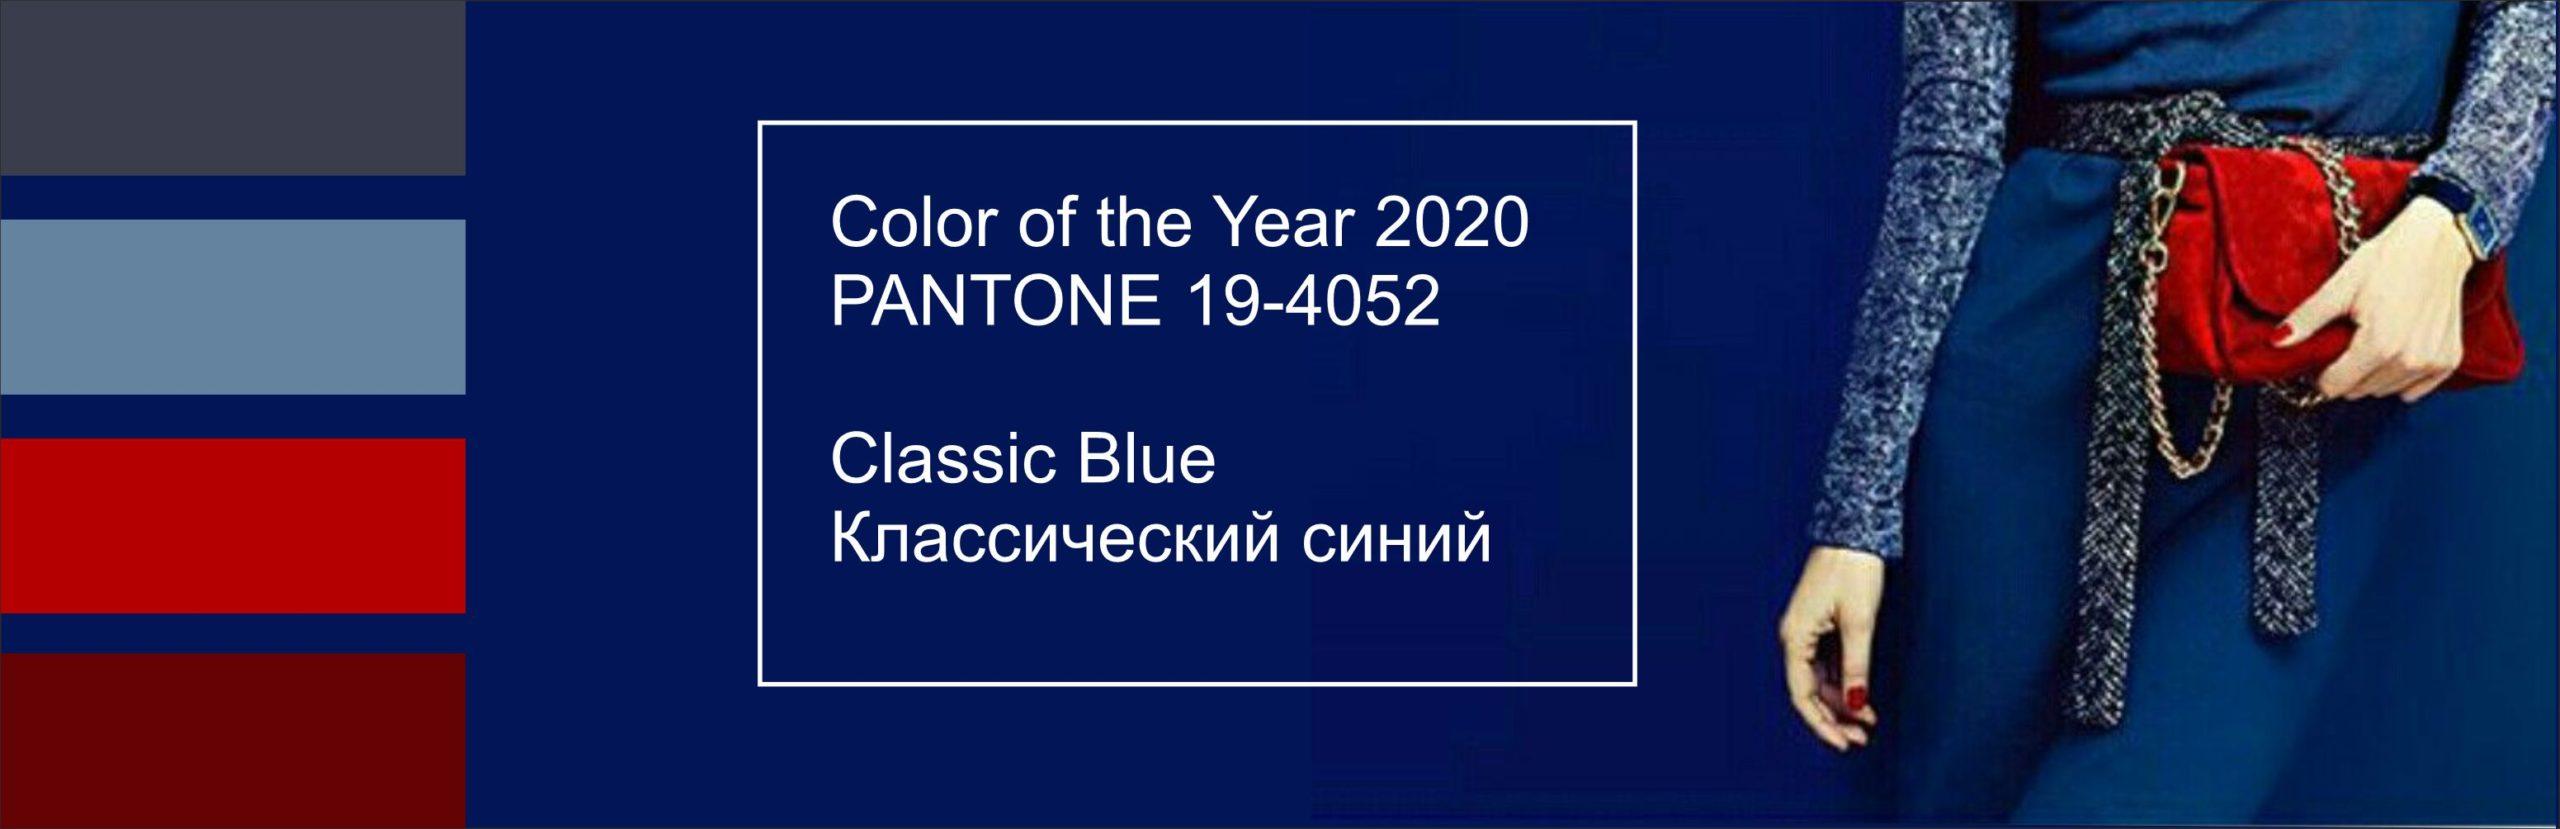 Классический синий - модные сочетания 2020 в ТК ЭКОПОЛИС premium